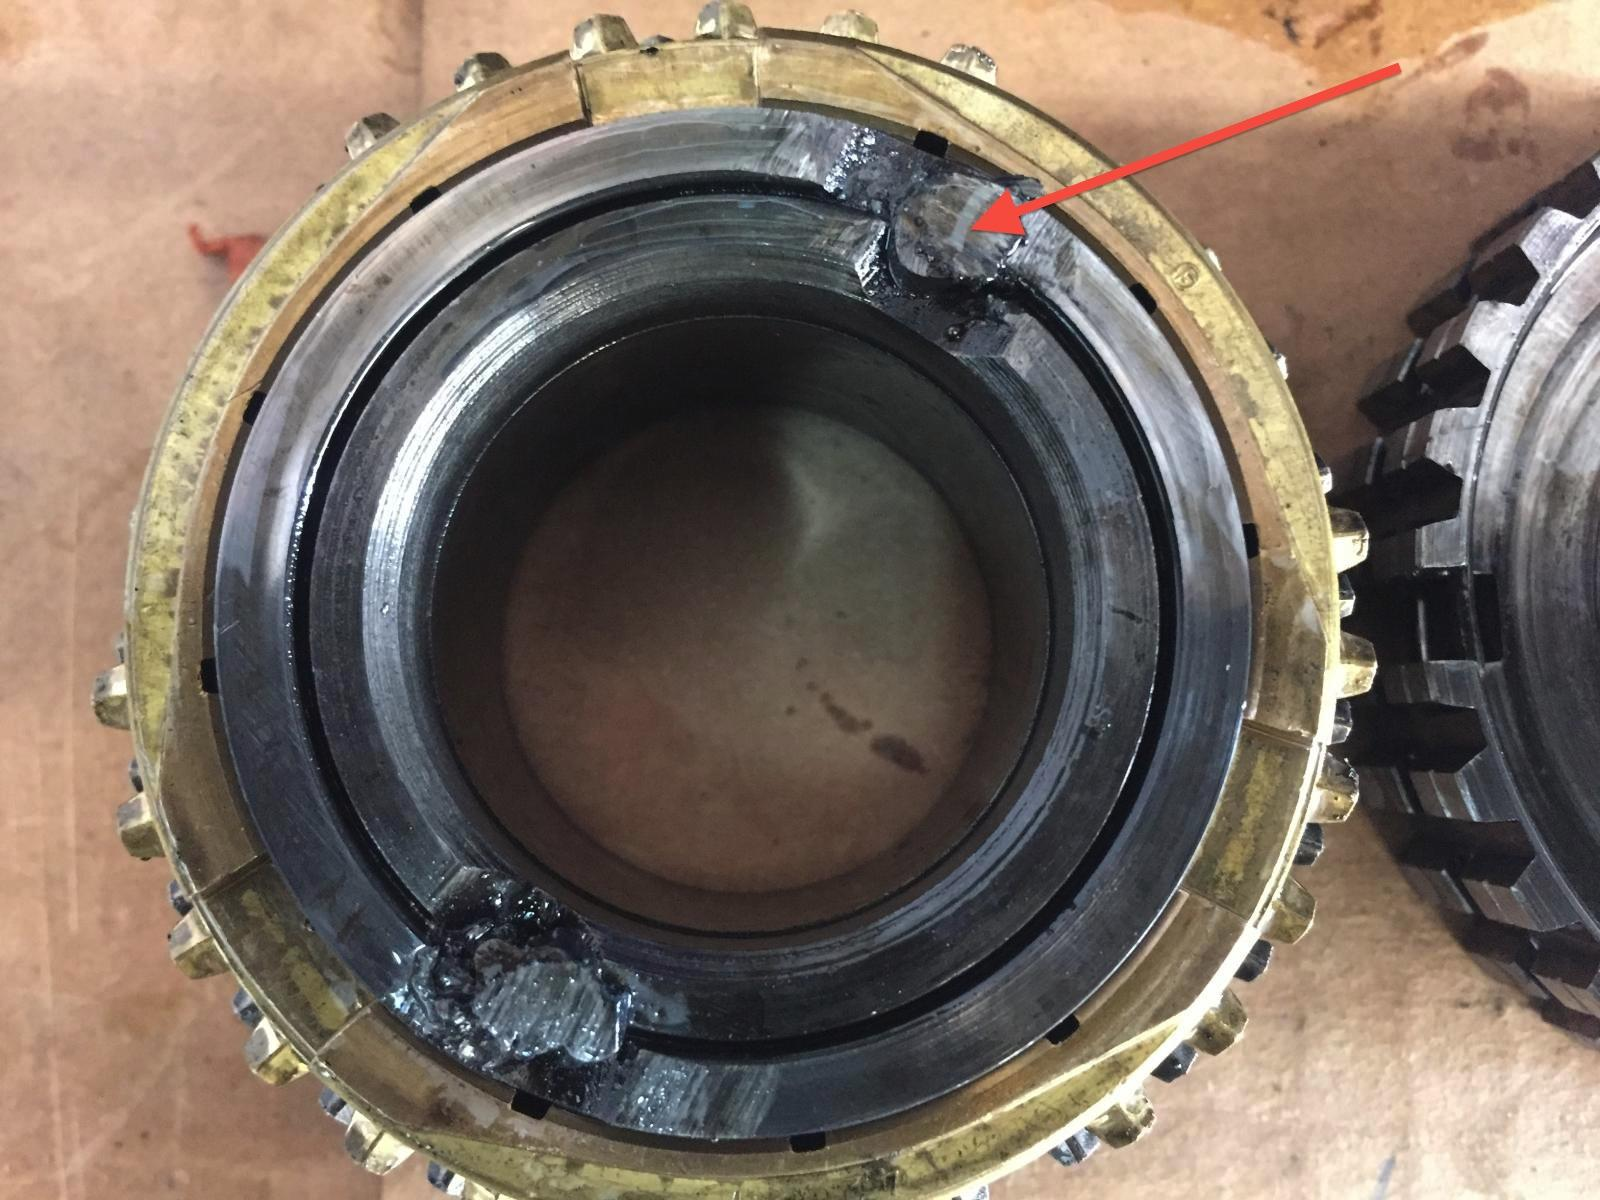 Sloppy 3rd gear weld